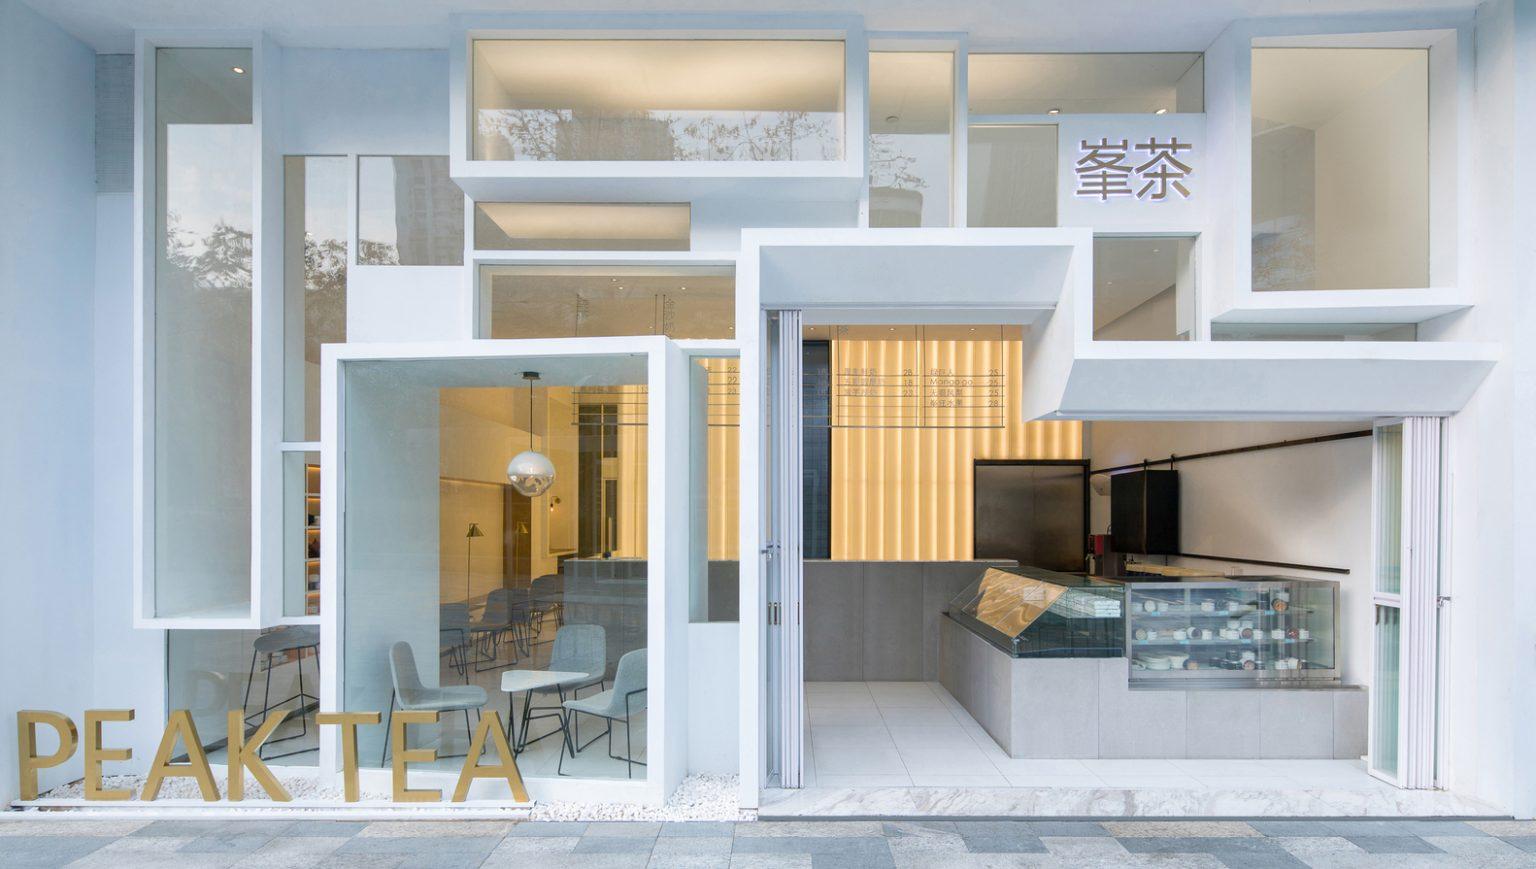 """深圳·""""PEAK TEA峯茶""""茶饮店(海雅缤纷城店)设计 / 一乘建筑"""